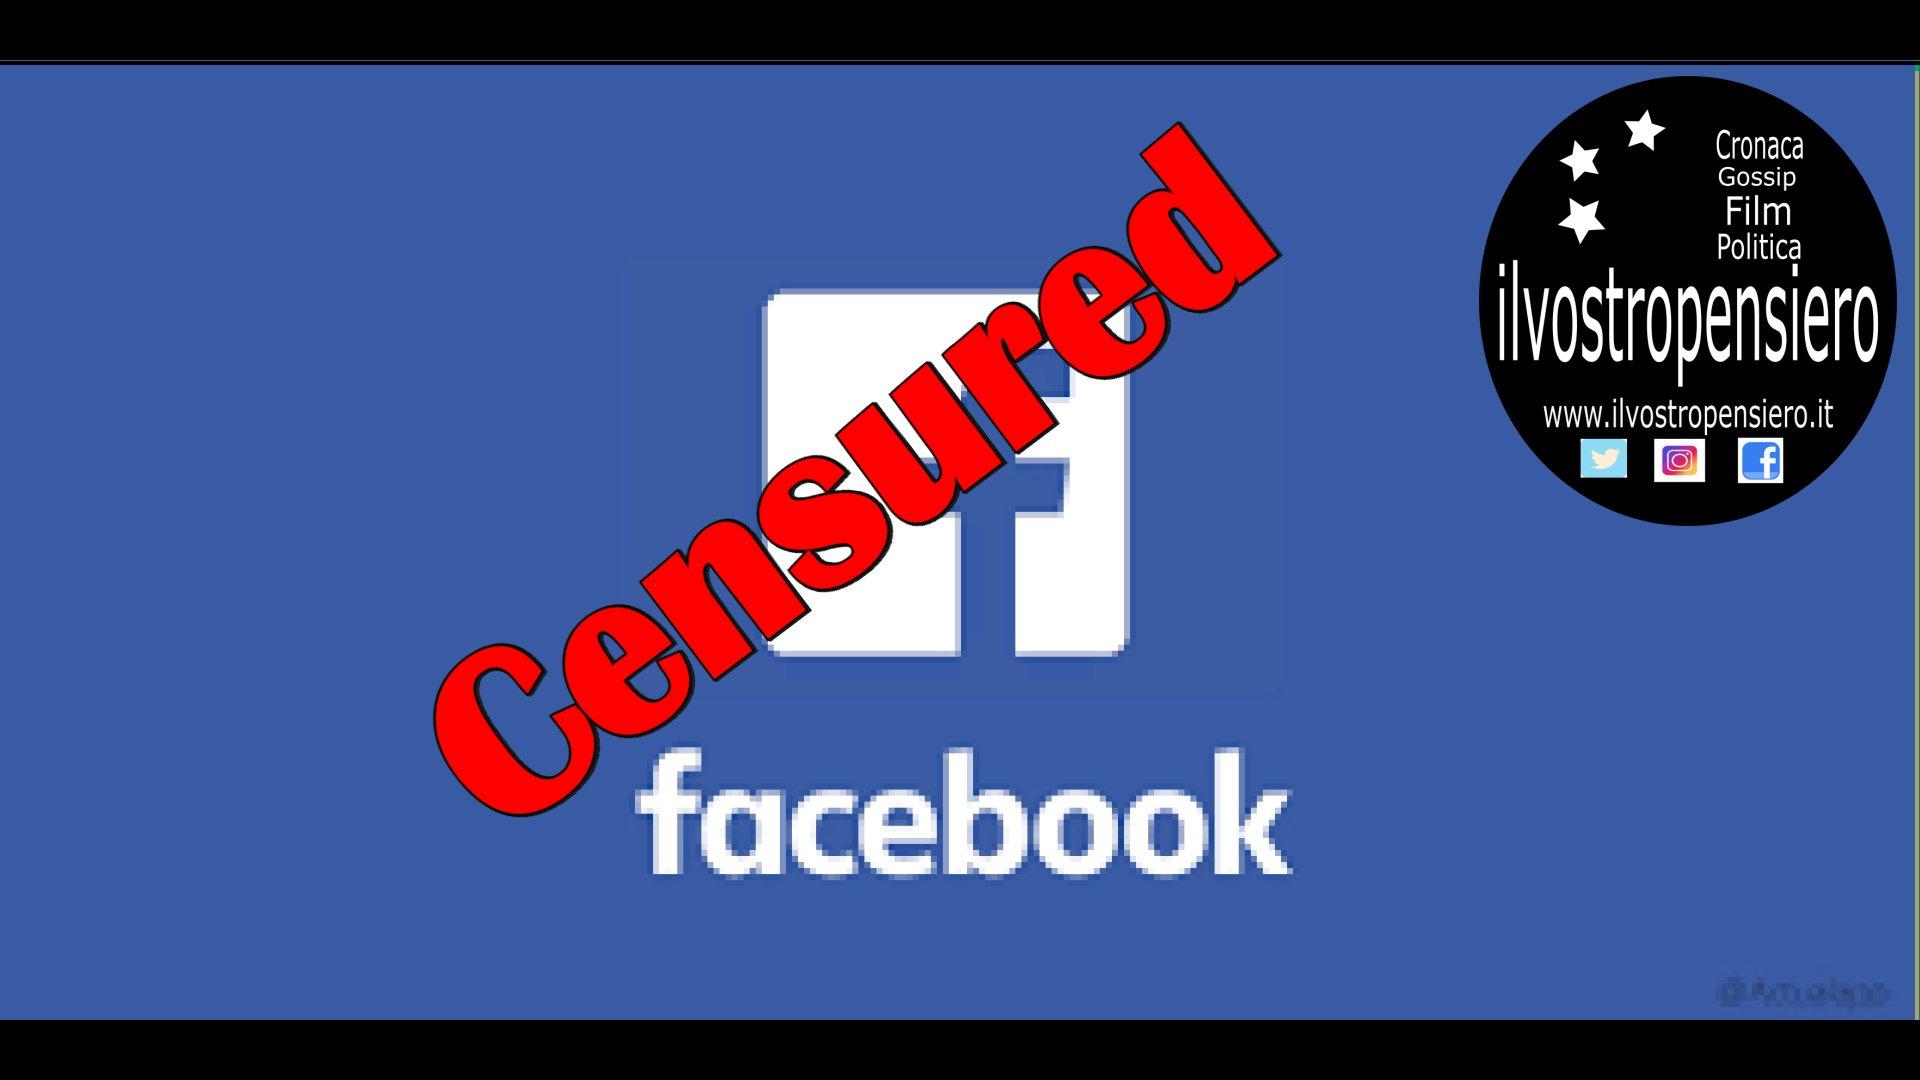 Facebook sinonimo di DITTATURA (censura e bloccaggio di accounts Facili)